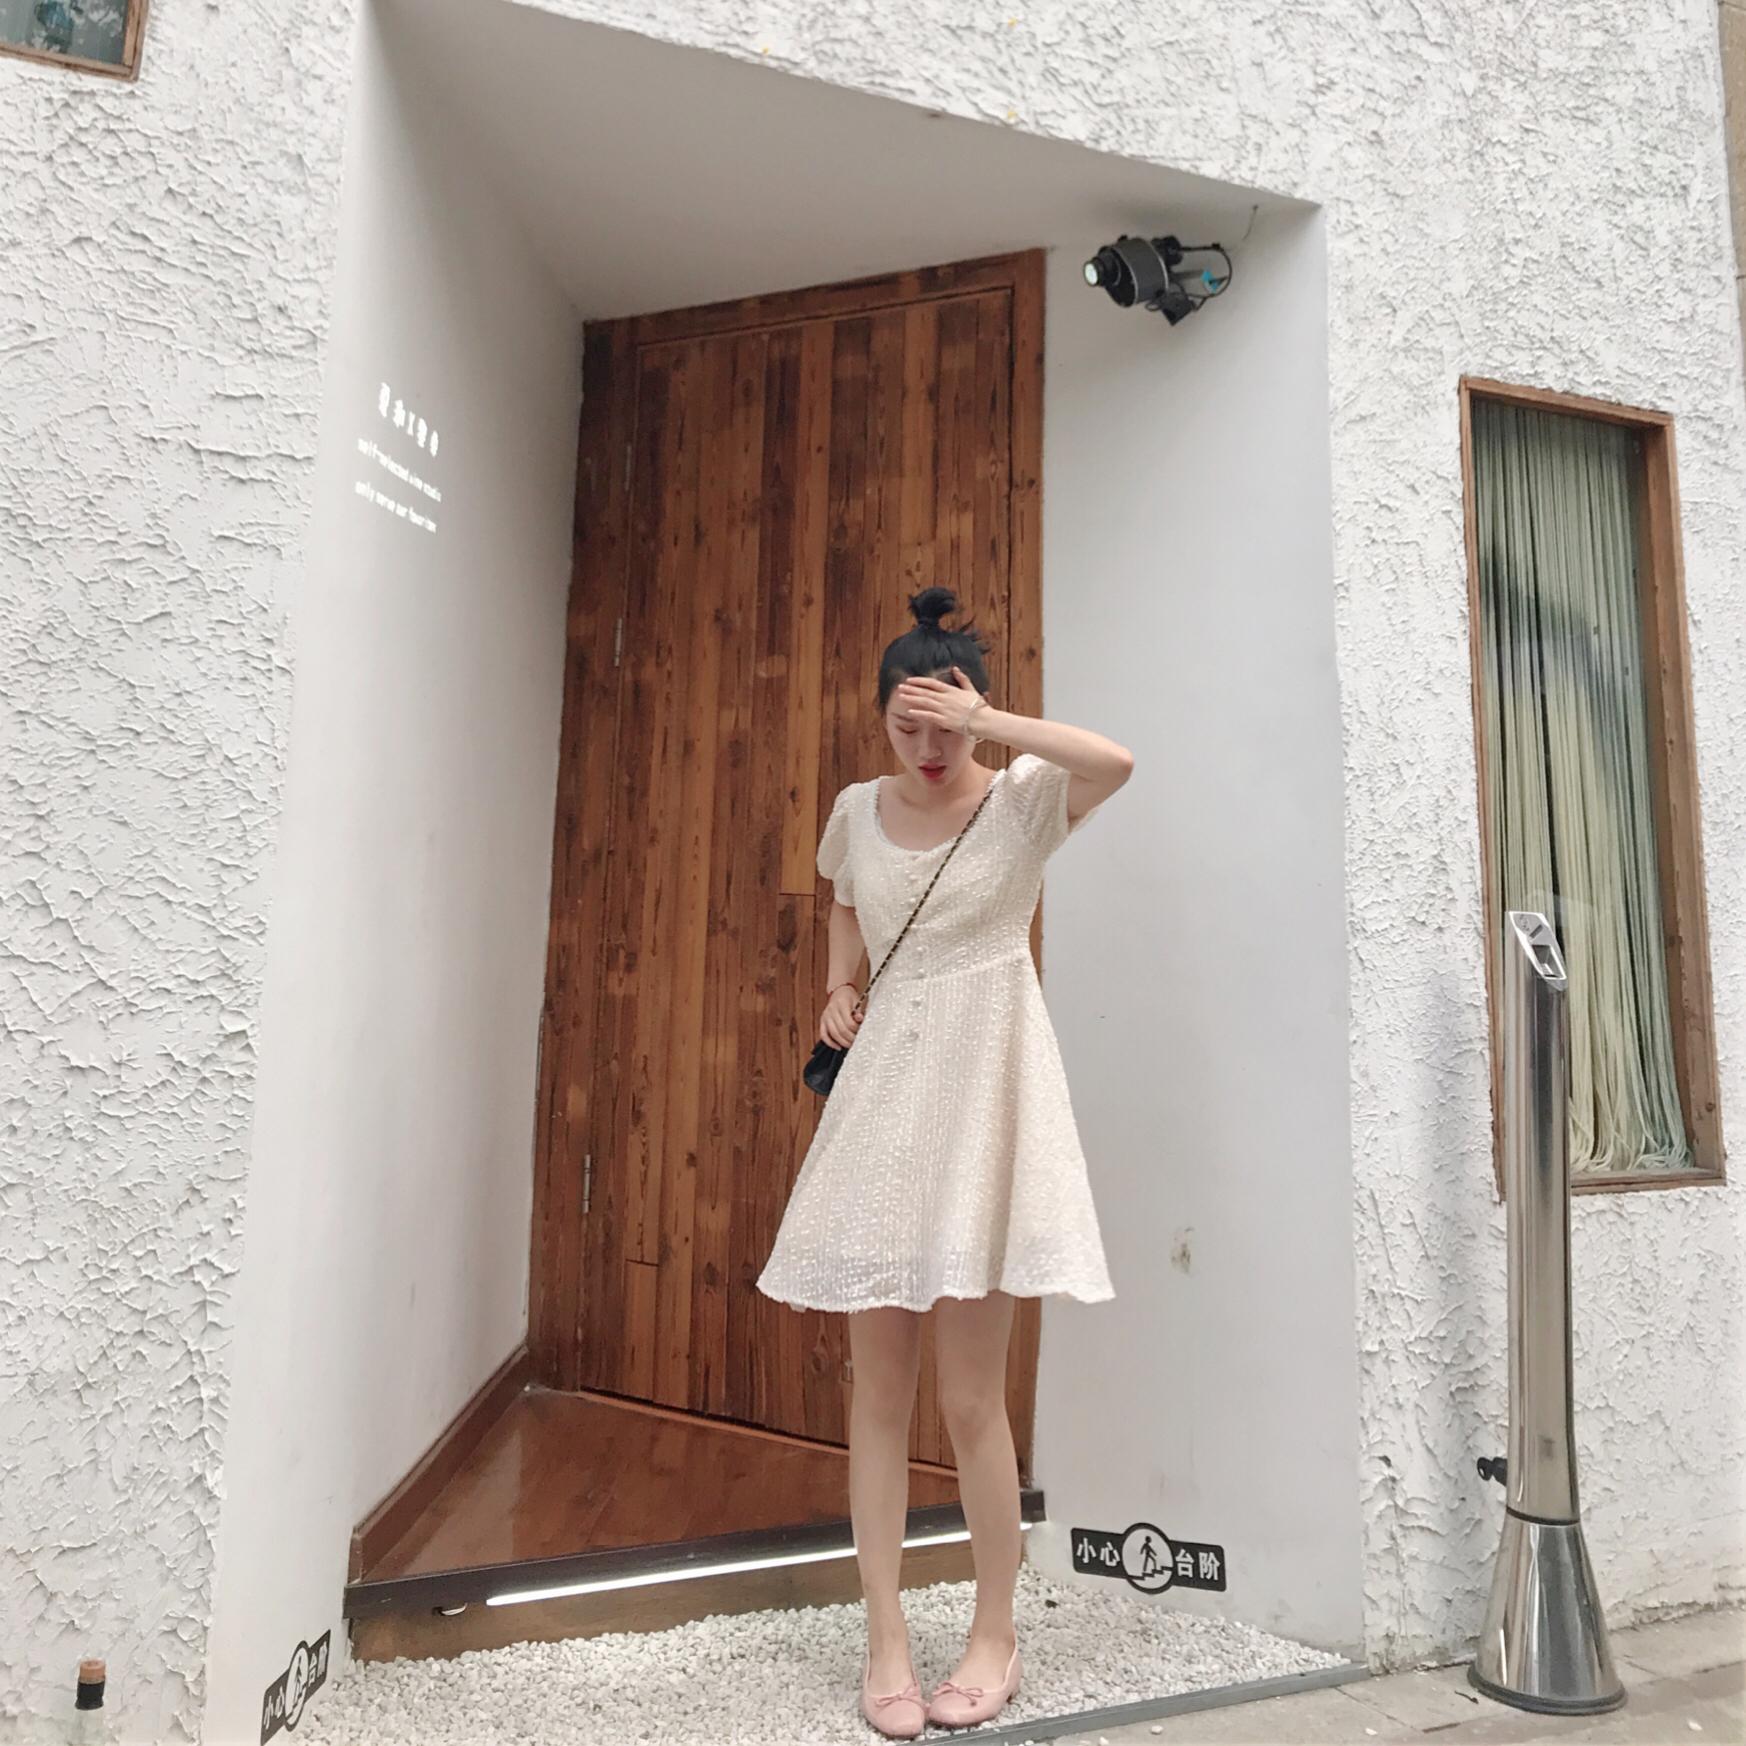 #显瘦连衣裙年终盘点# 南瓜穿搭/法式ins甜美仙女裙 一款仙女们夏天必备的仙女裙哦,面料超级有质感的,仙气十足,强烈推荐。